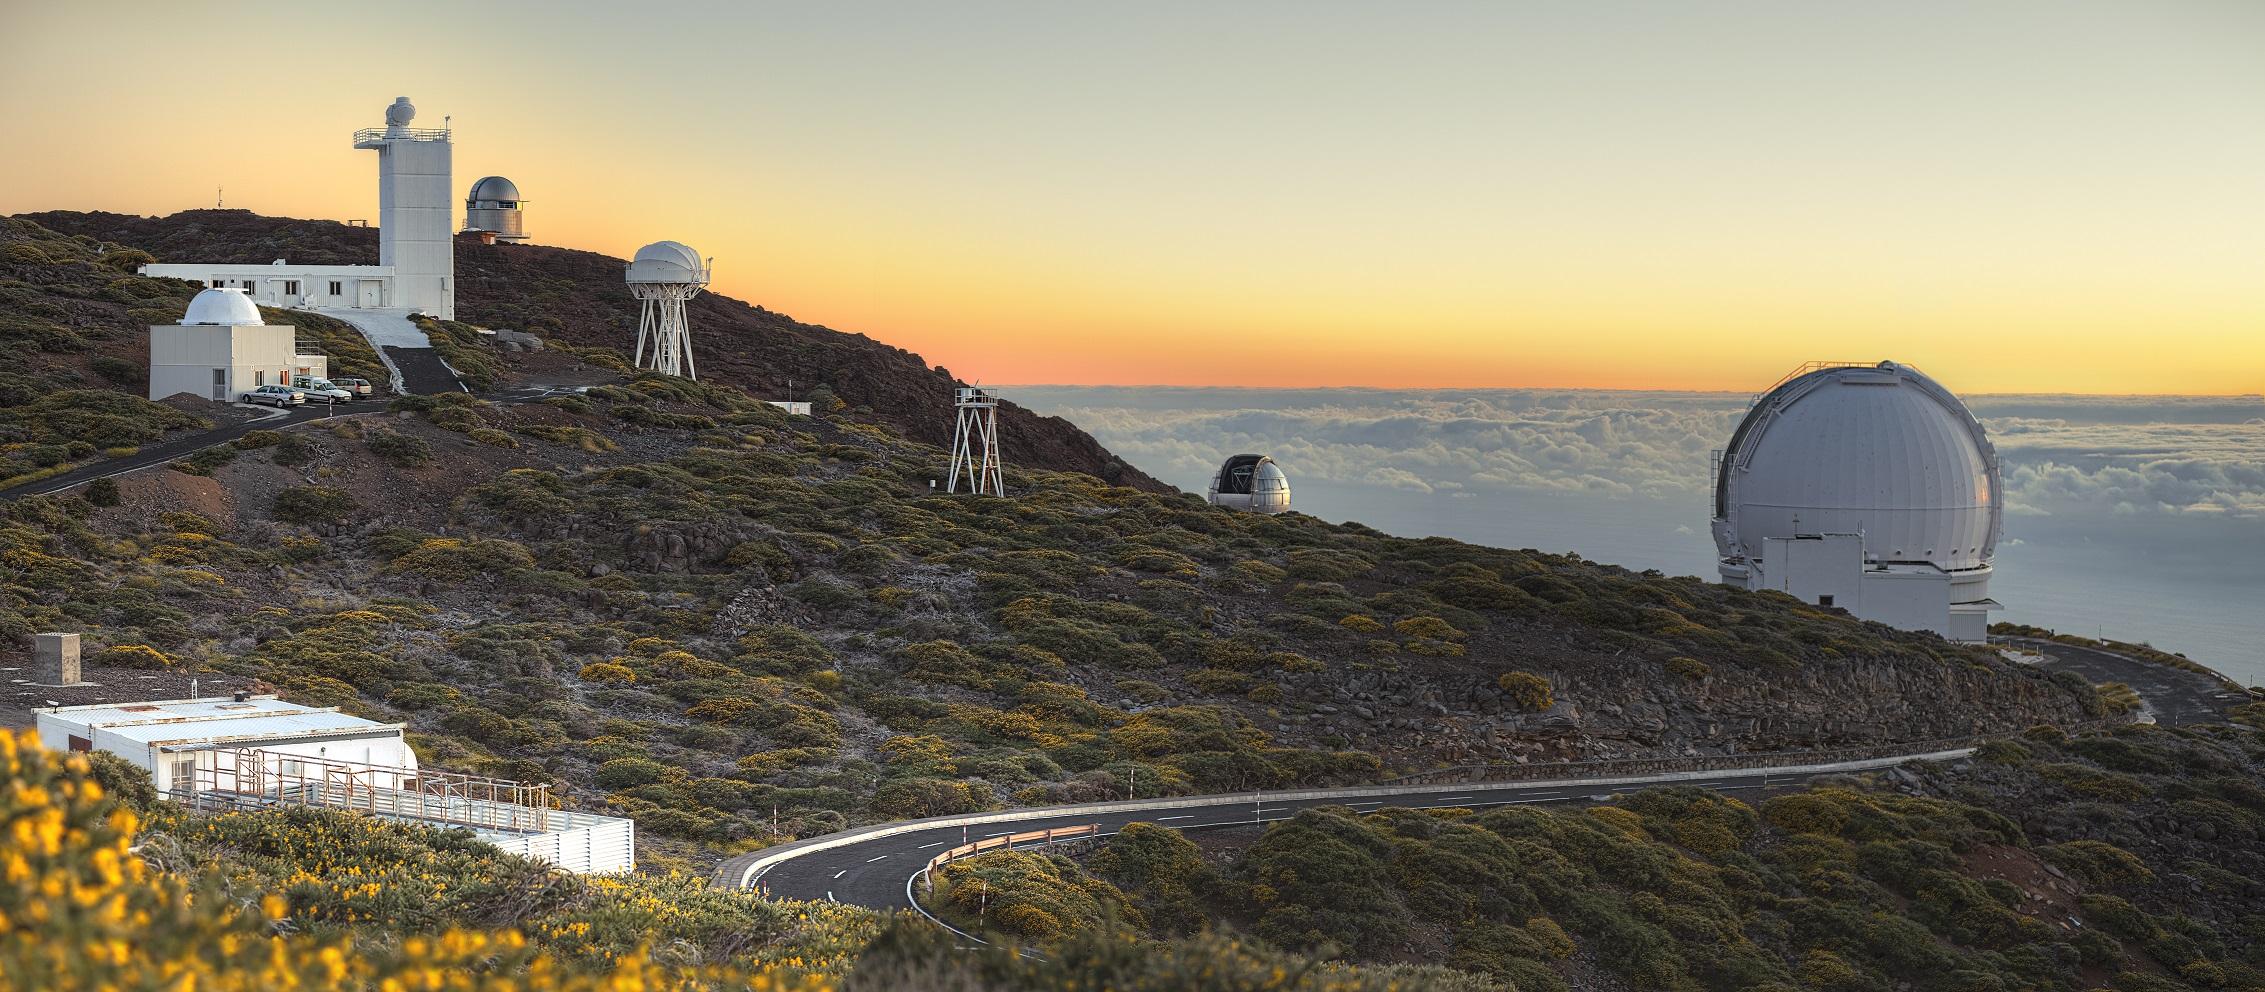 Visit La Palma - Route Roque de los Muchachos - West